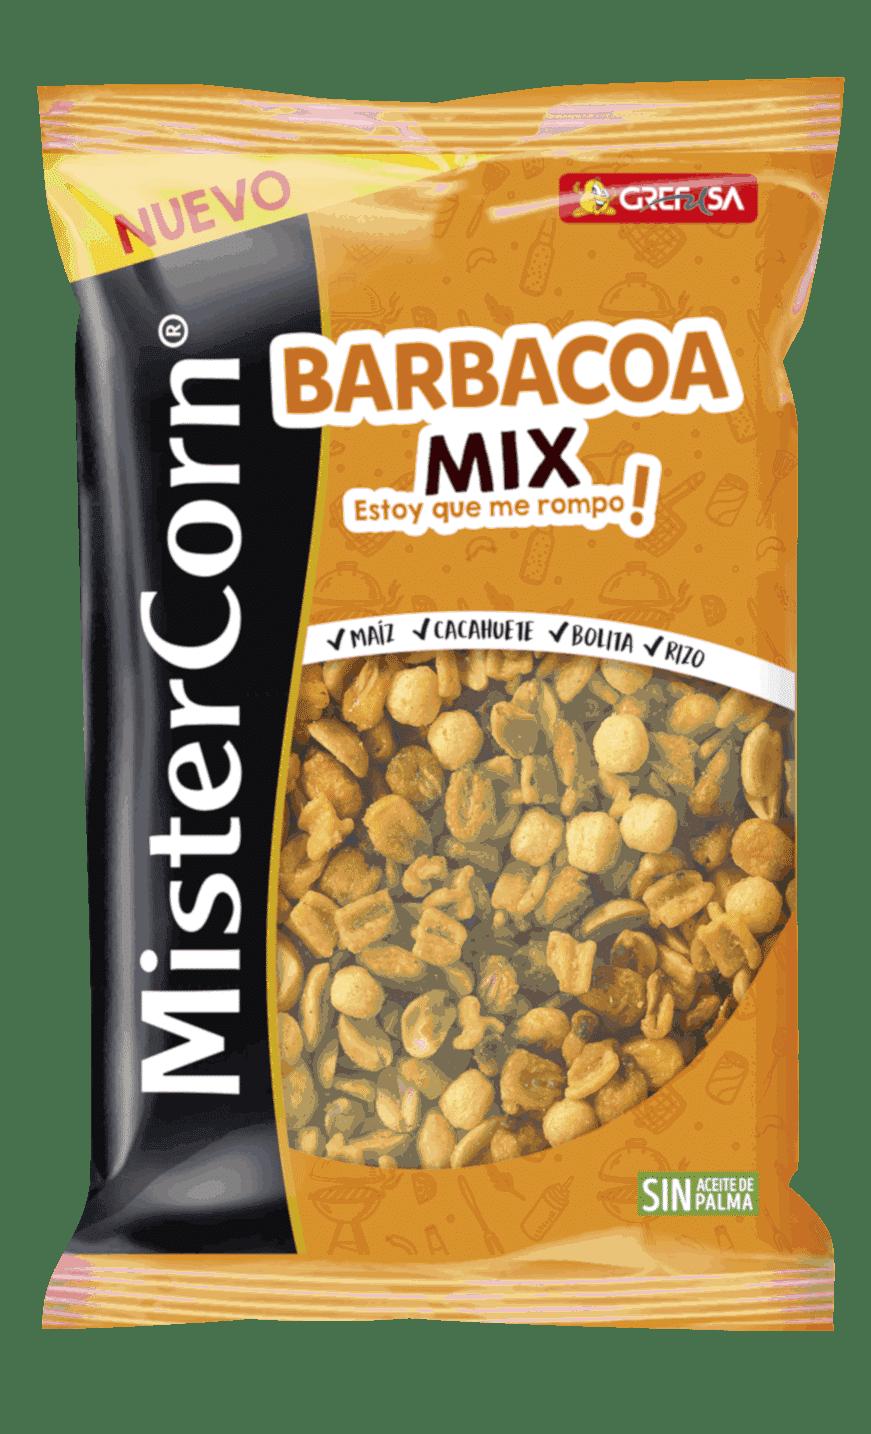 barbacoamix